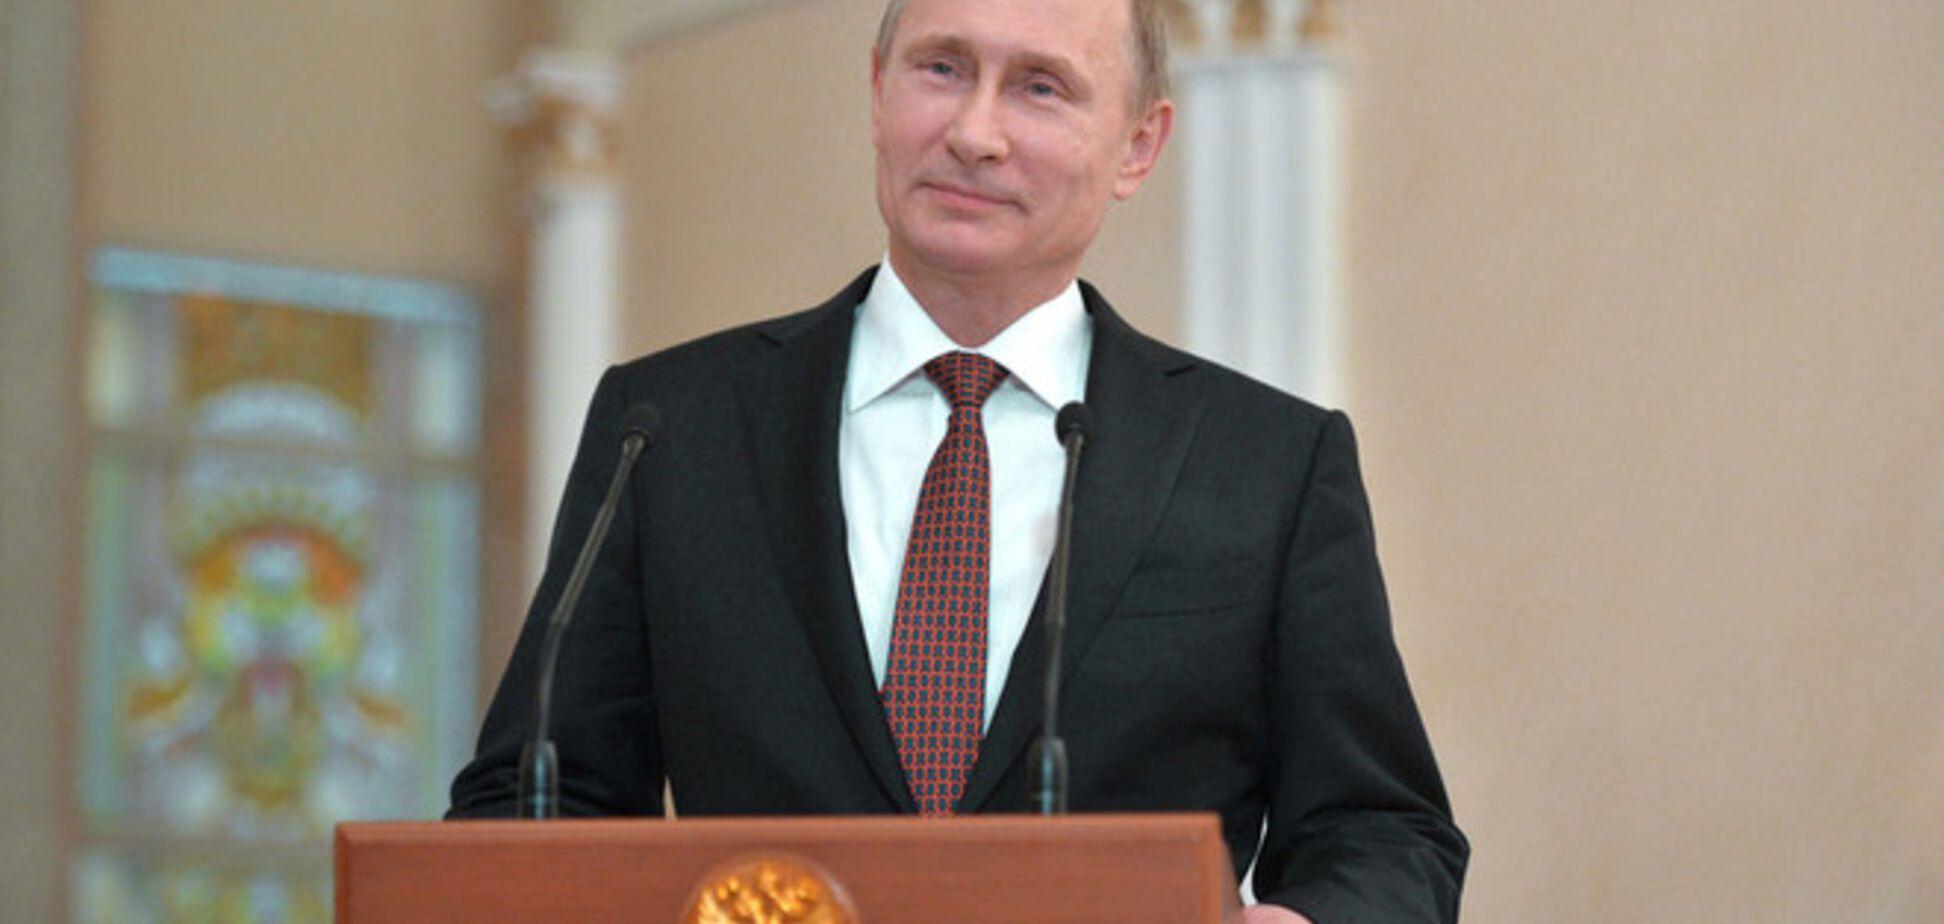 Будет чудом, если перемирие на Донбассе продержится дольше месяца – The Independent